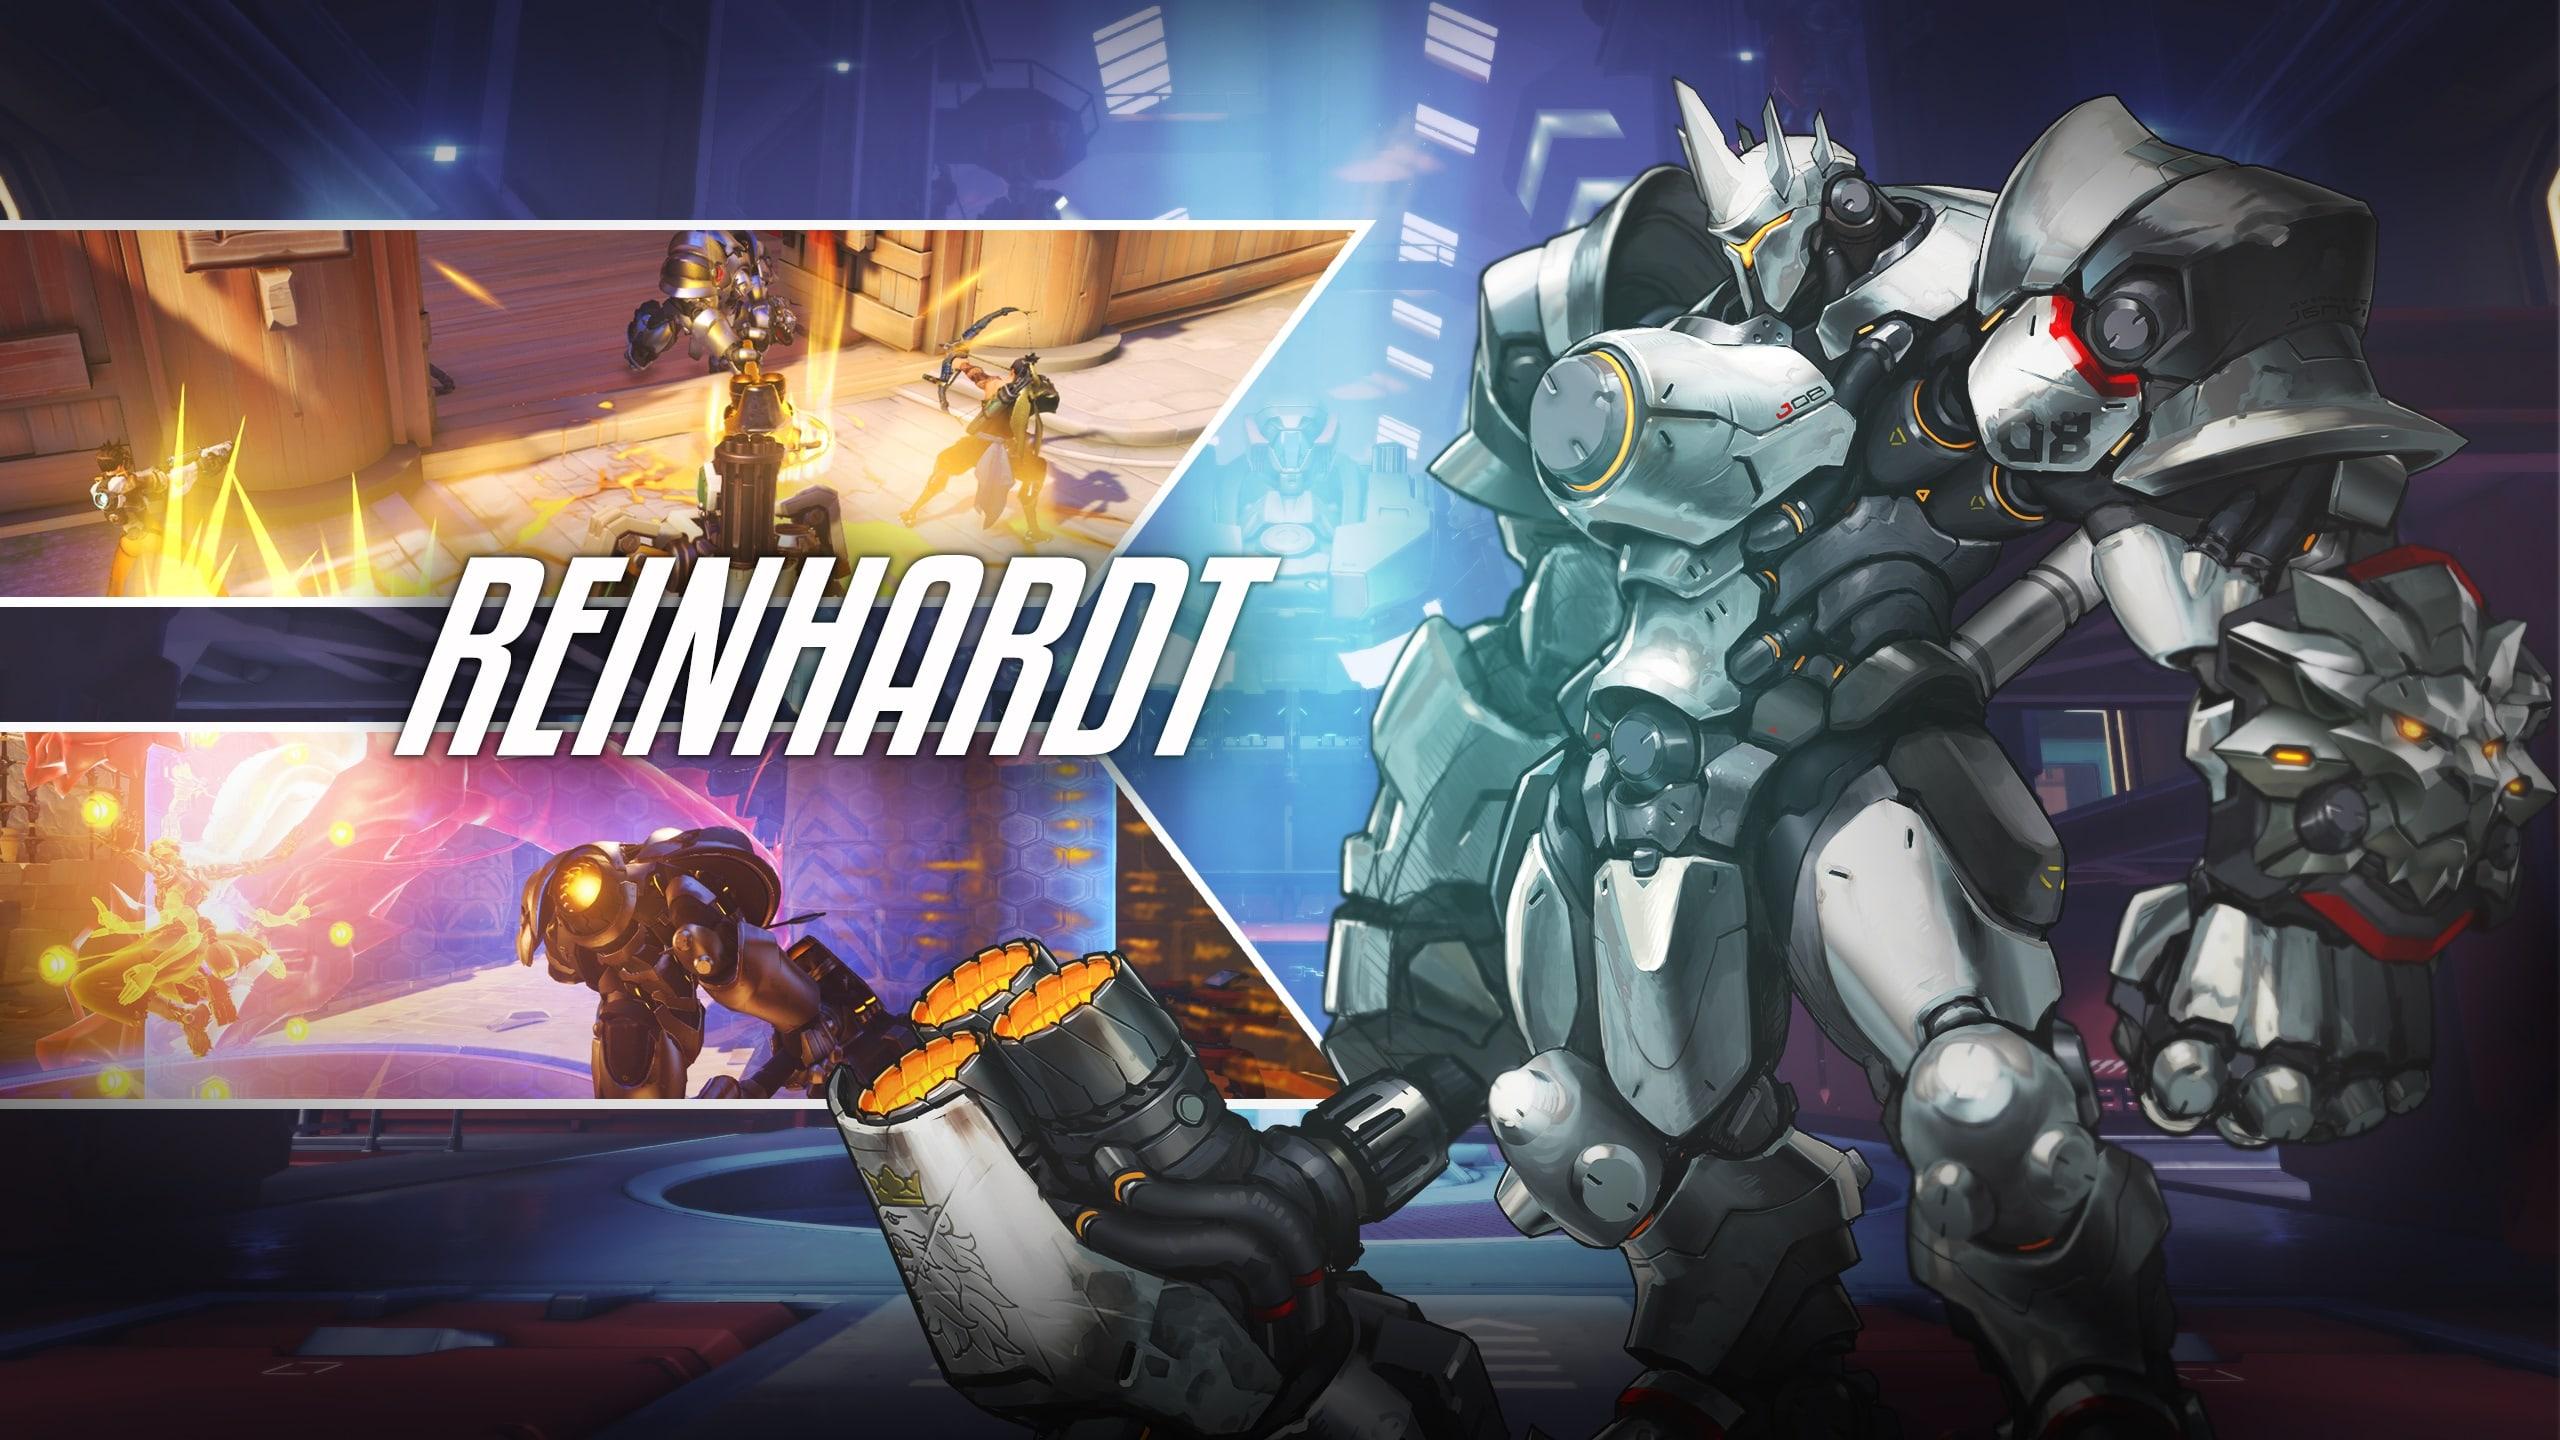 Overwatch : Reinhardt Backgrounds